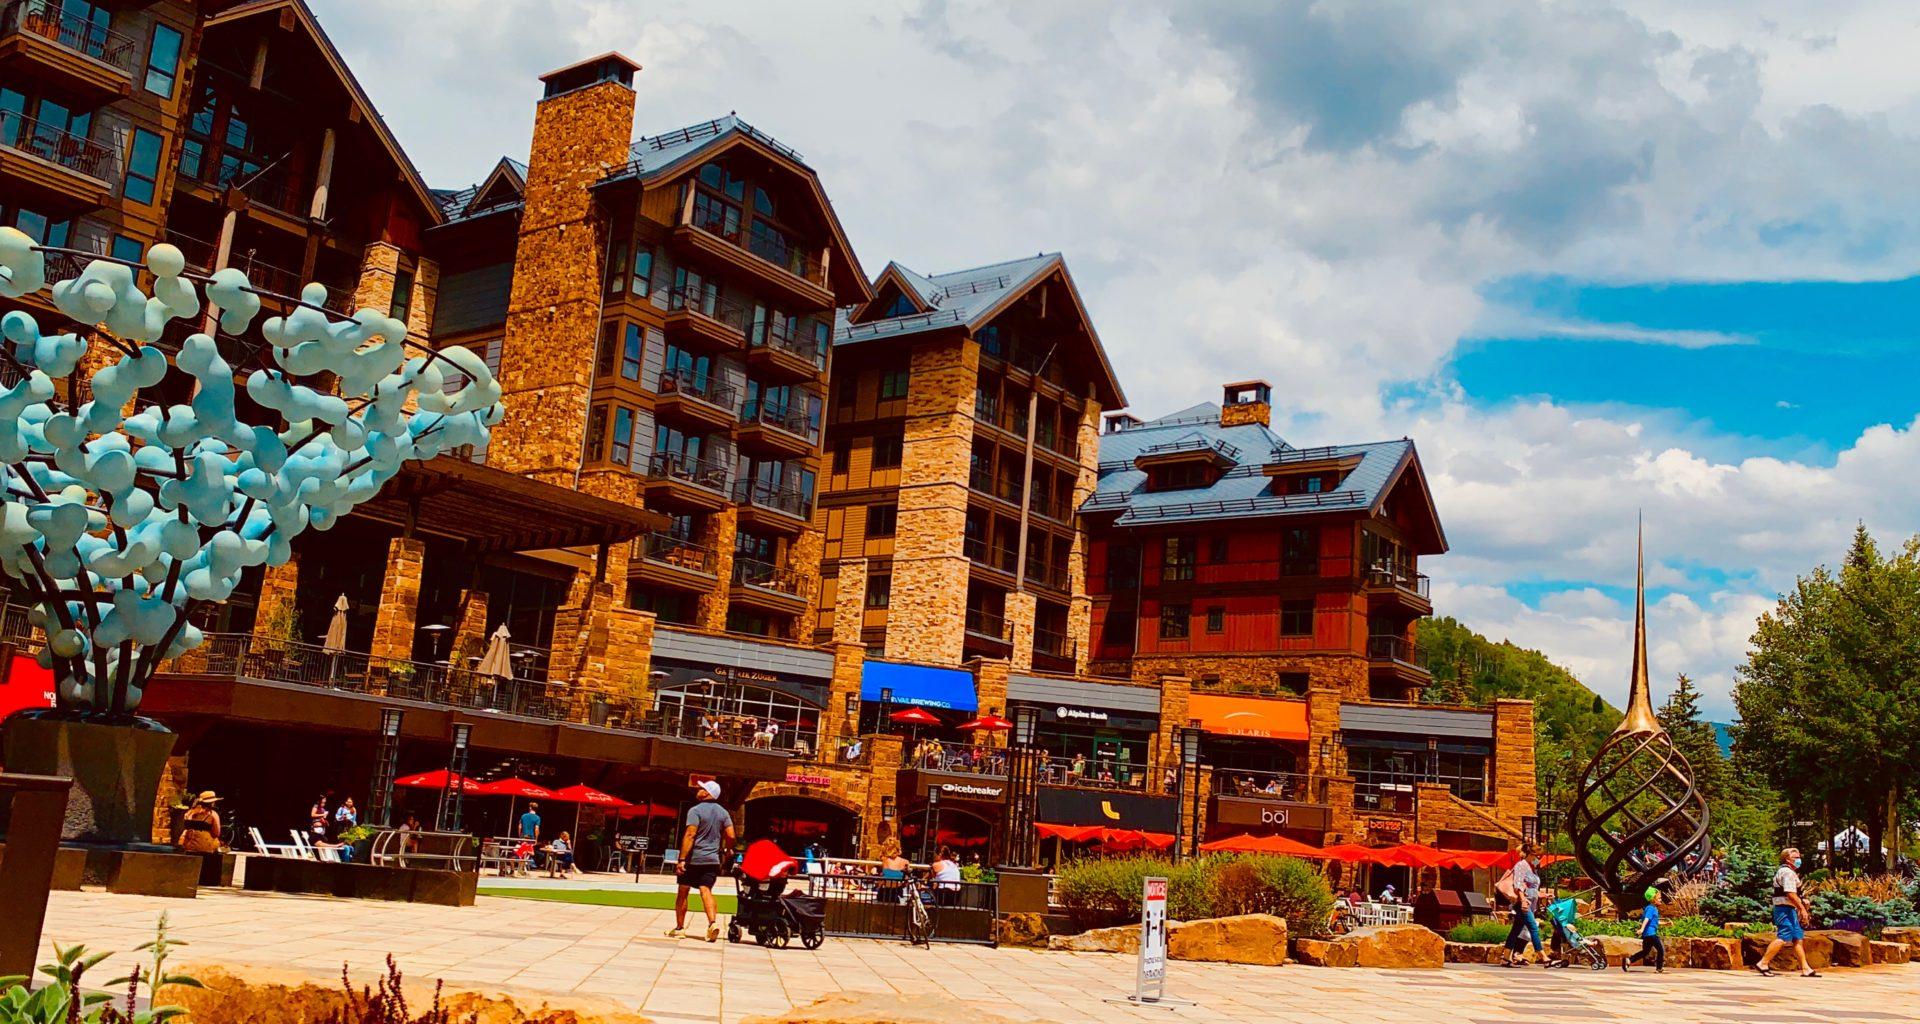 No solo se va a esquiar a Vail, Colorado